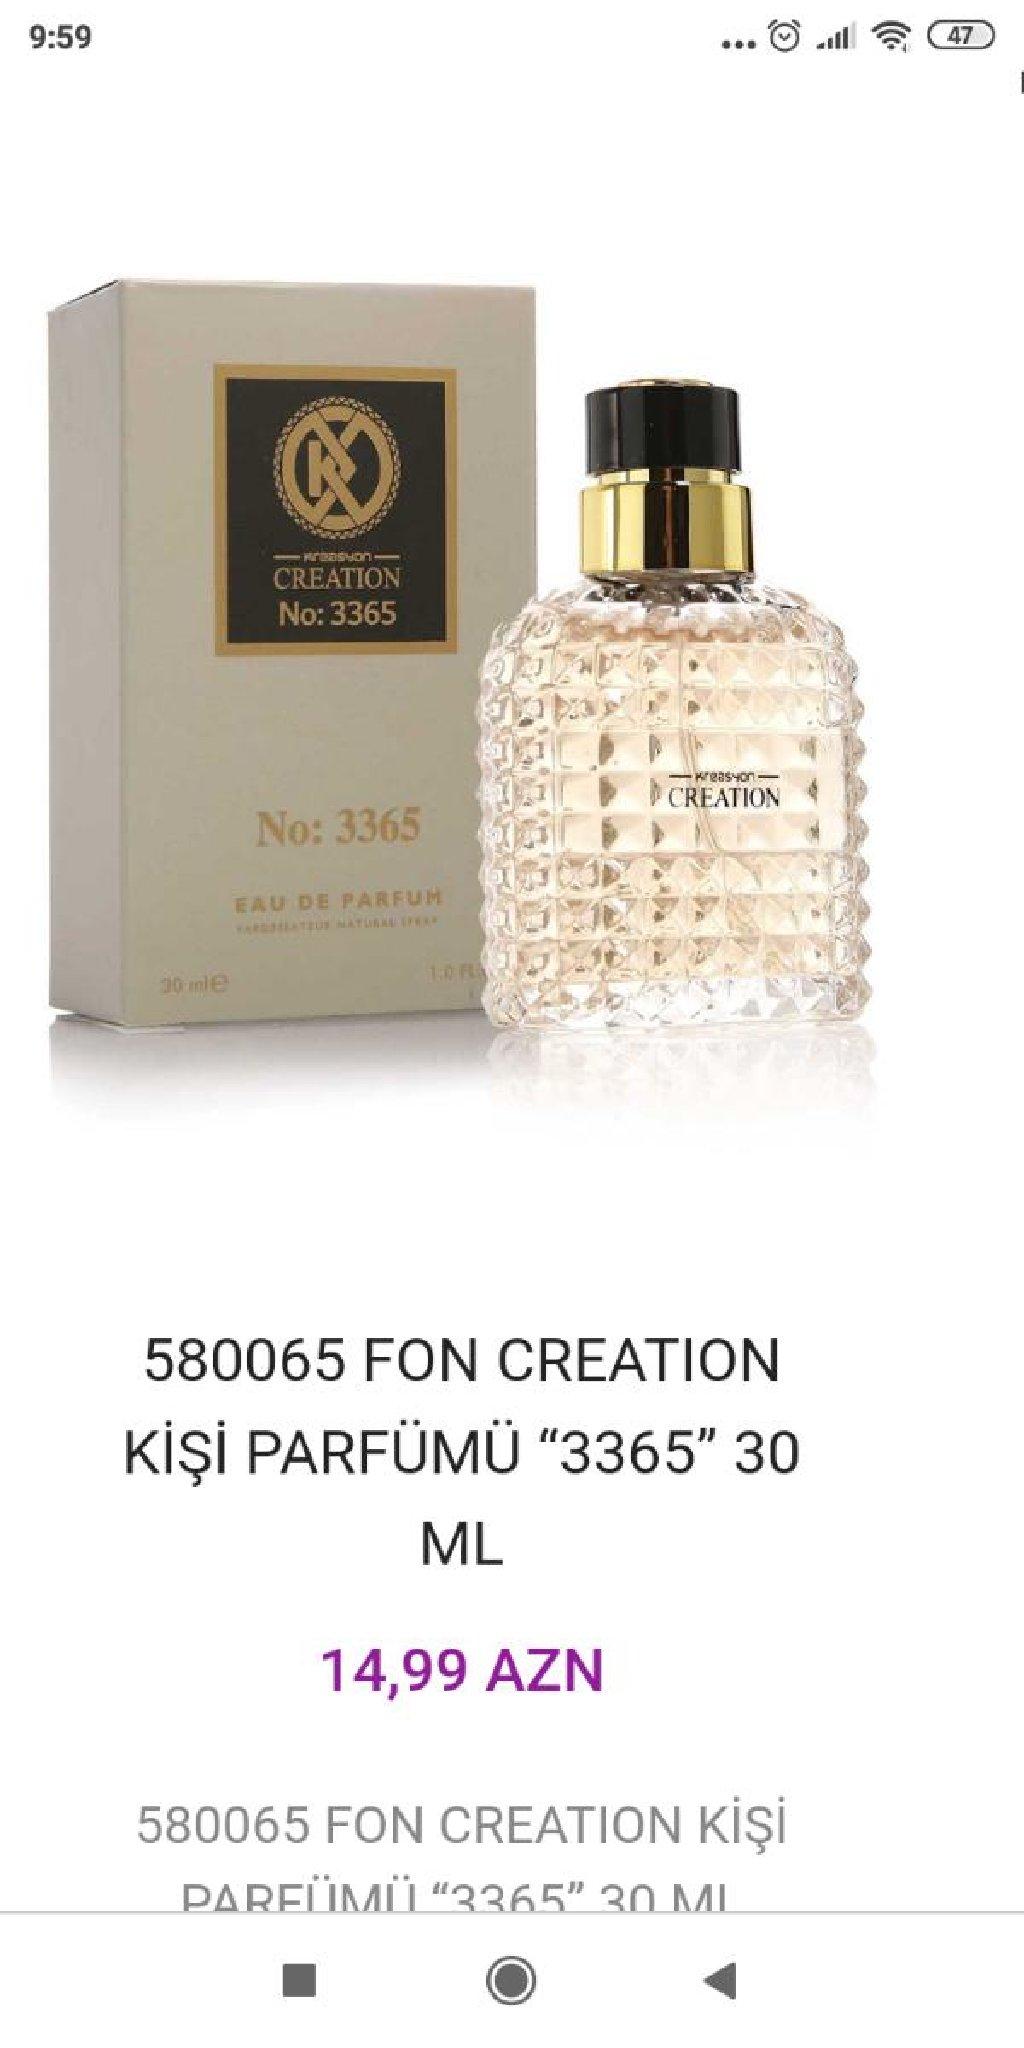 CREATİON kişi parfümü